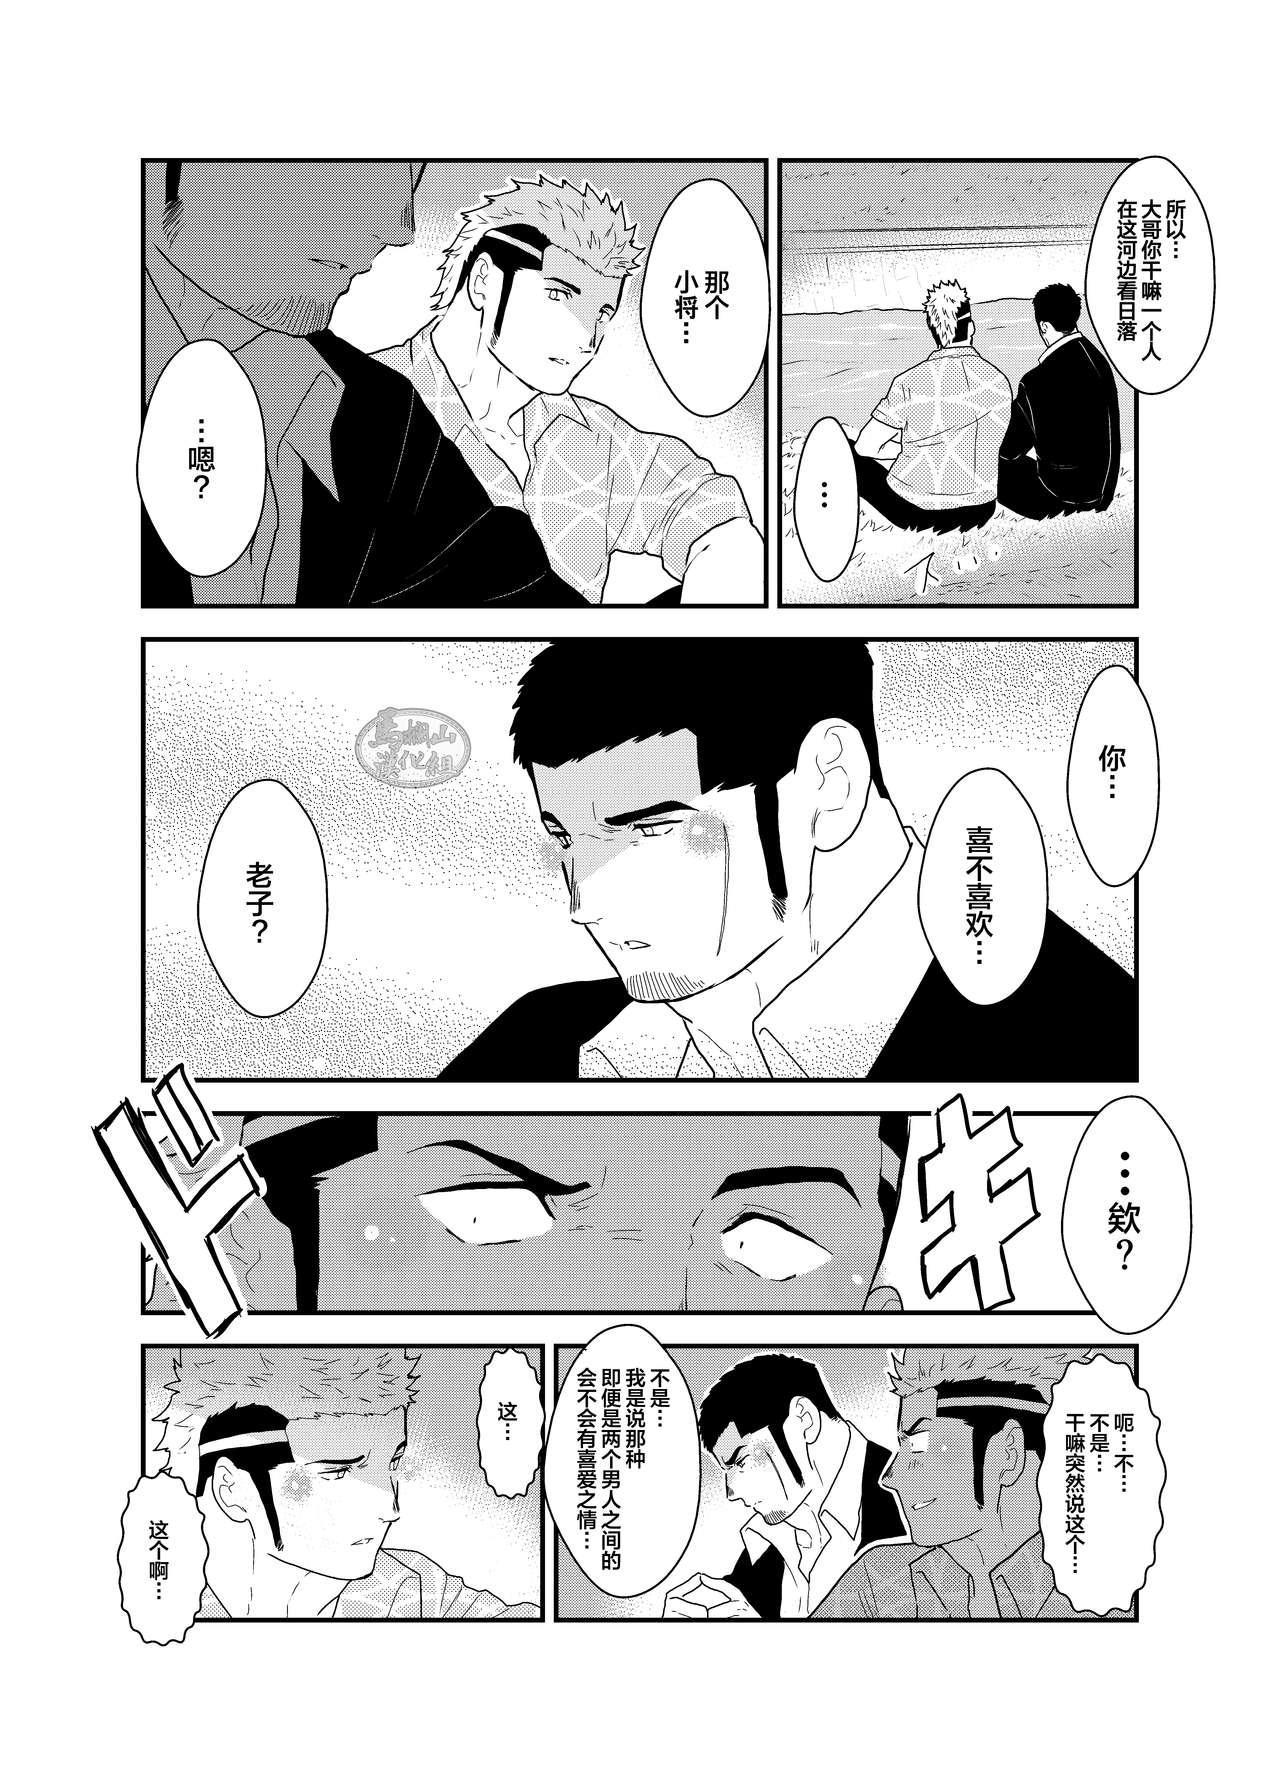 Moshimo Yakuza ni Koigokoro ga Mebae Hajimetara 4